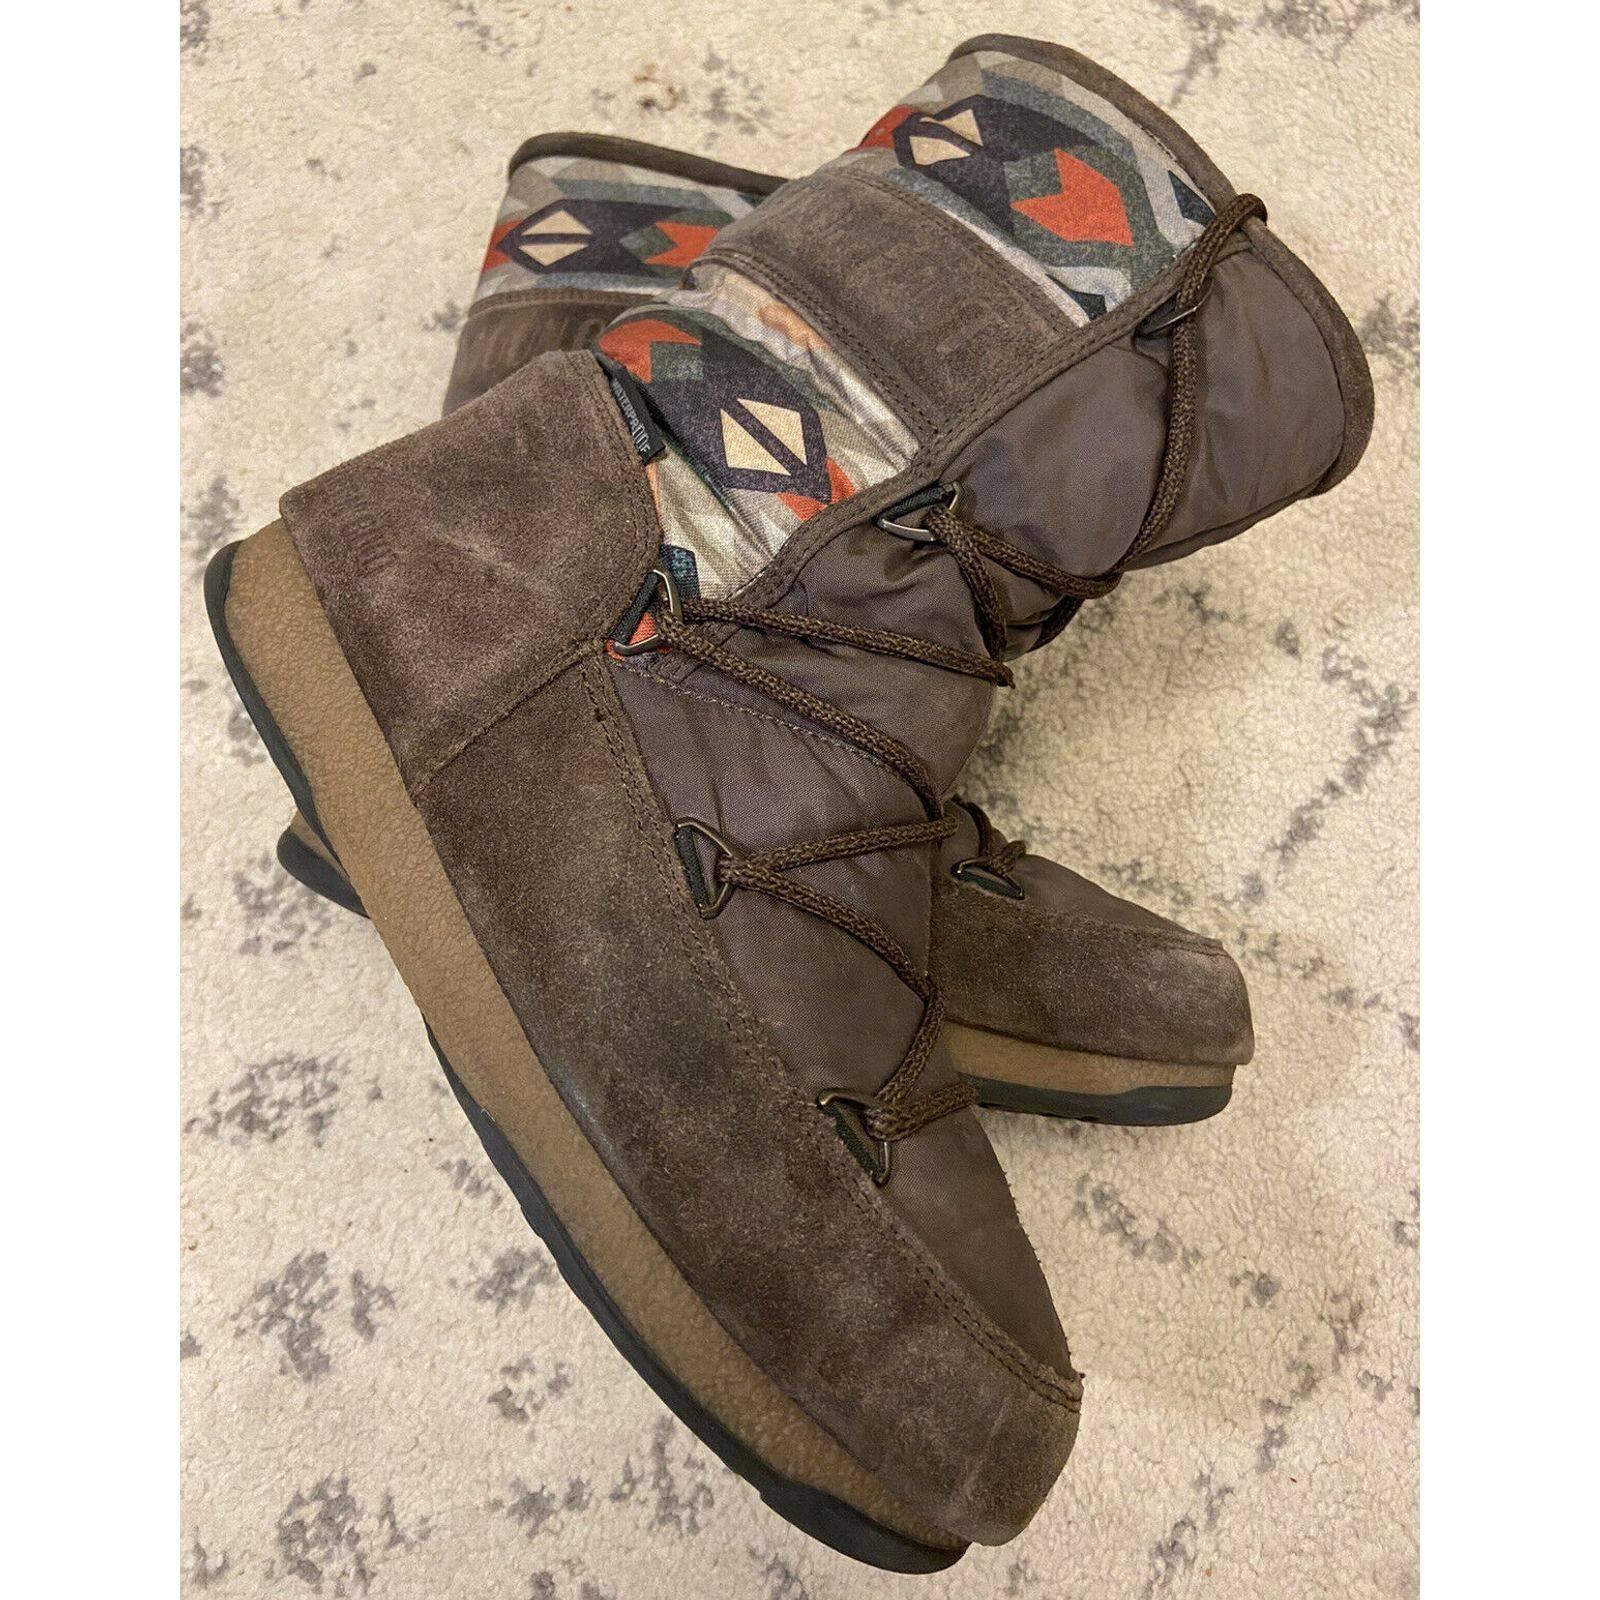 Vintage Original Tecnica Moon Boots